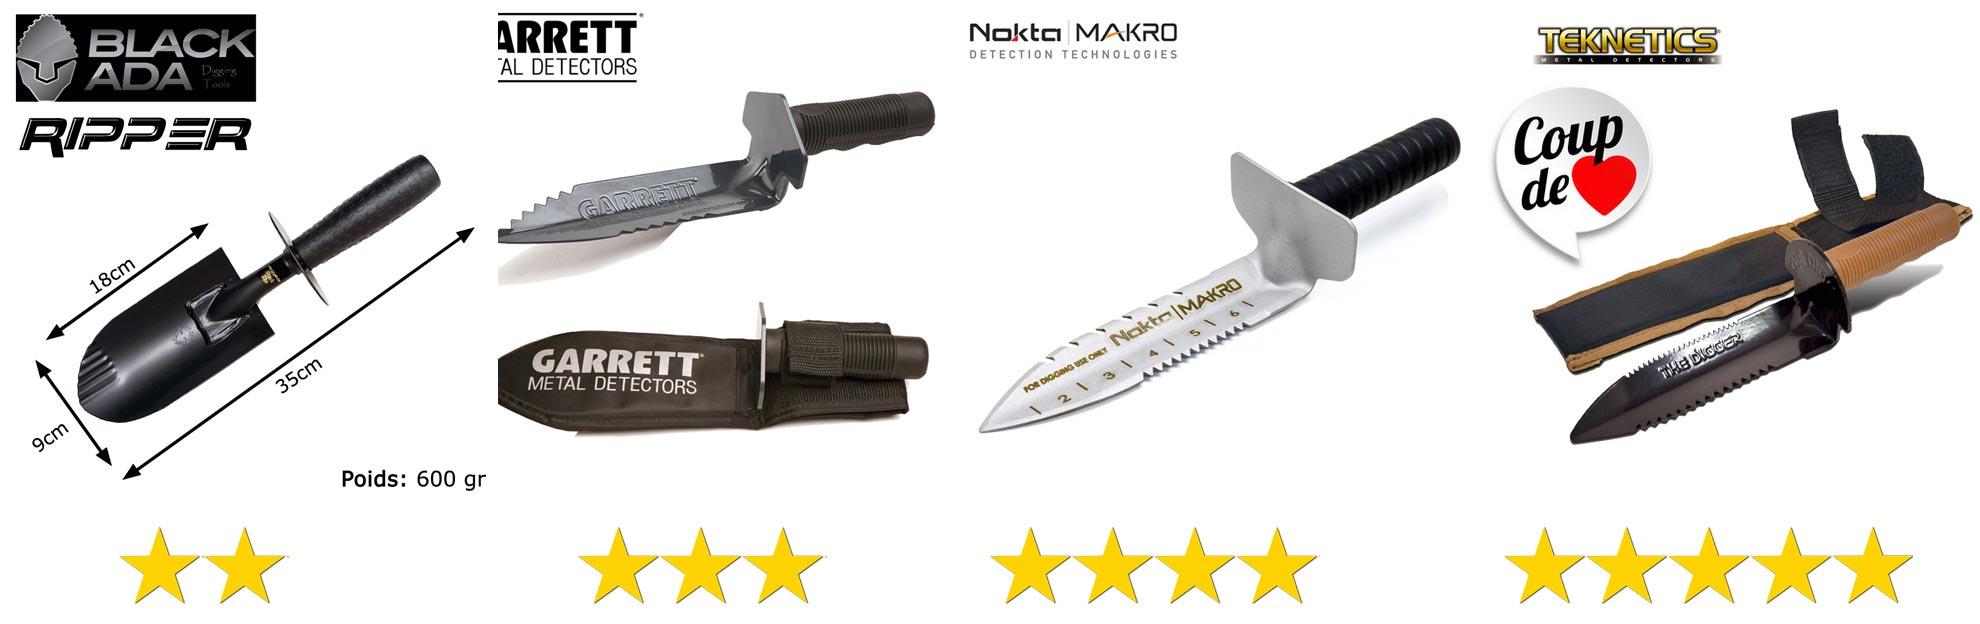 Les meilleurs couteaux de fouille pour détecteurs de métaux